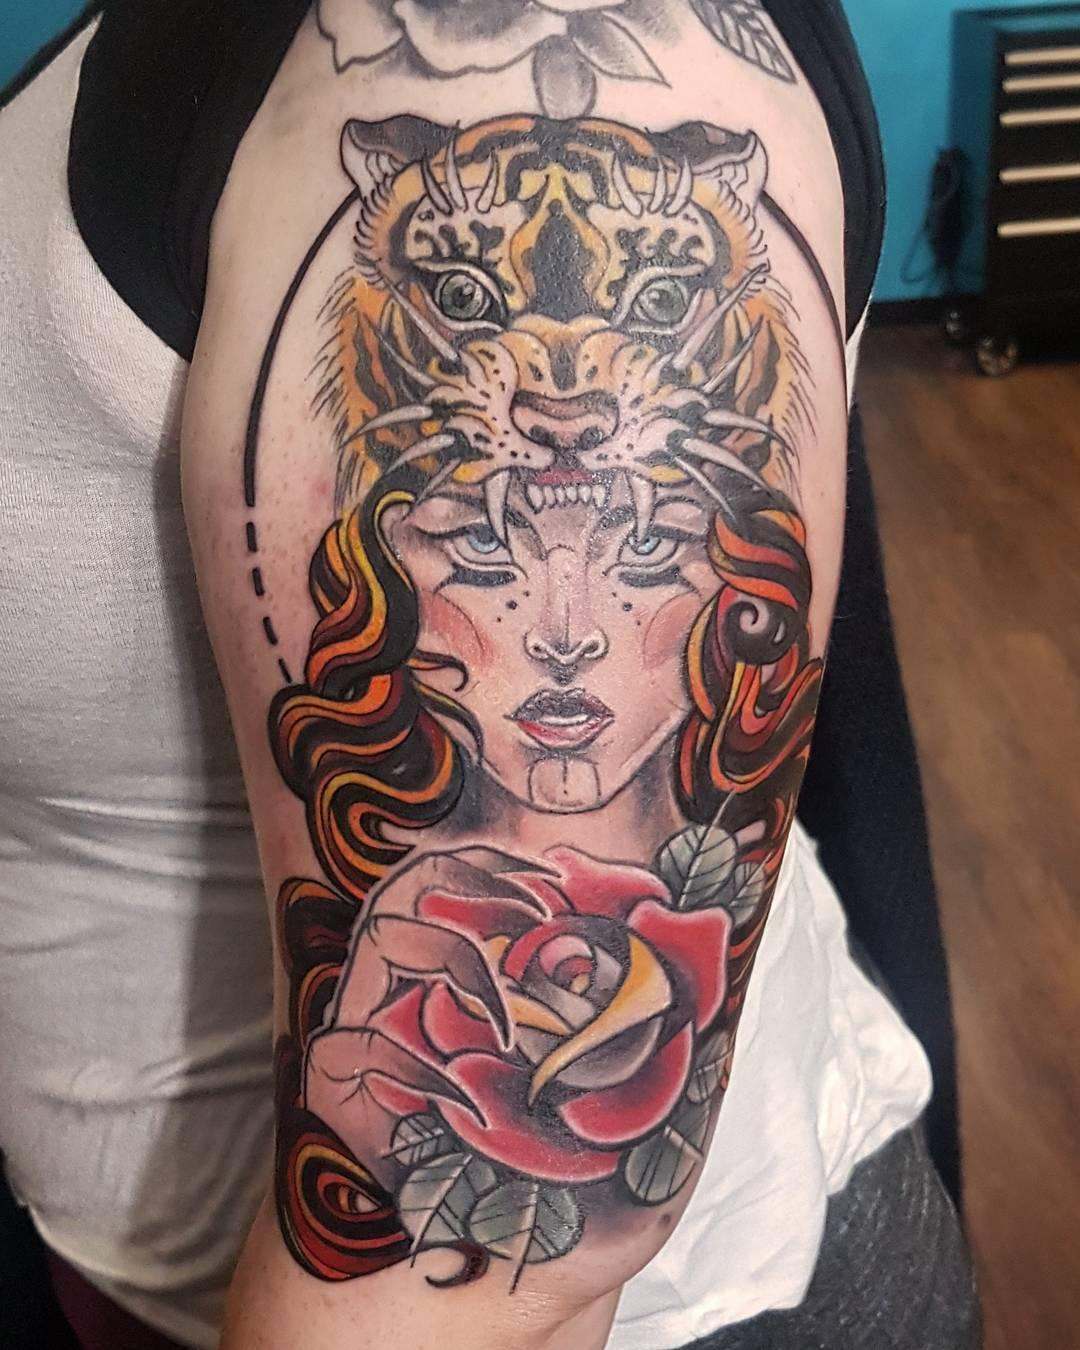 訾先生大腿玫瑰美女虎头纹身图案